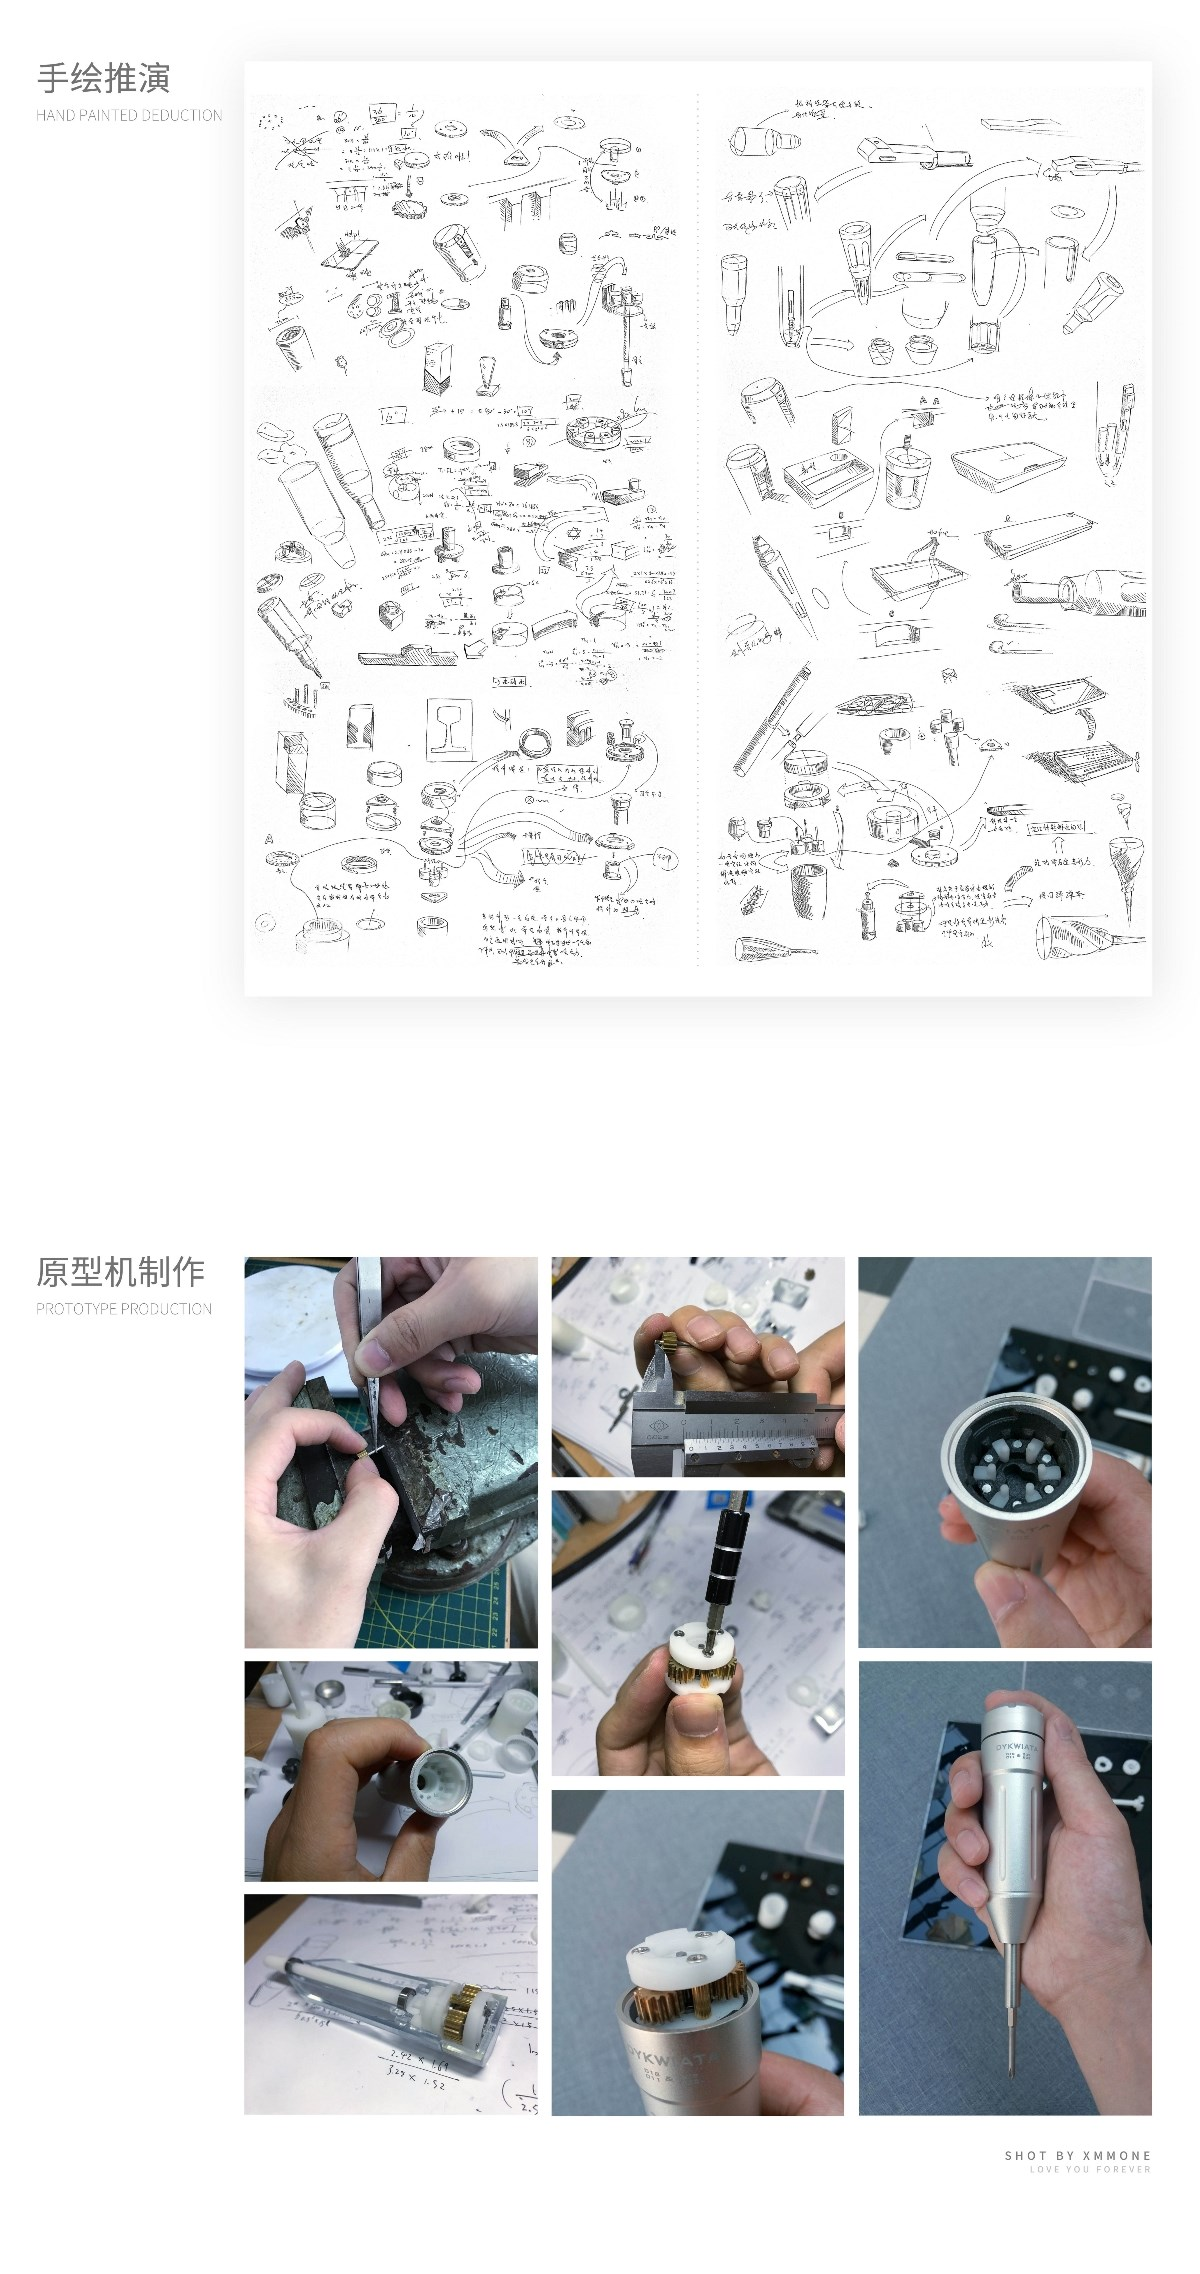 黑桃设计-加速螺丝刀